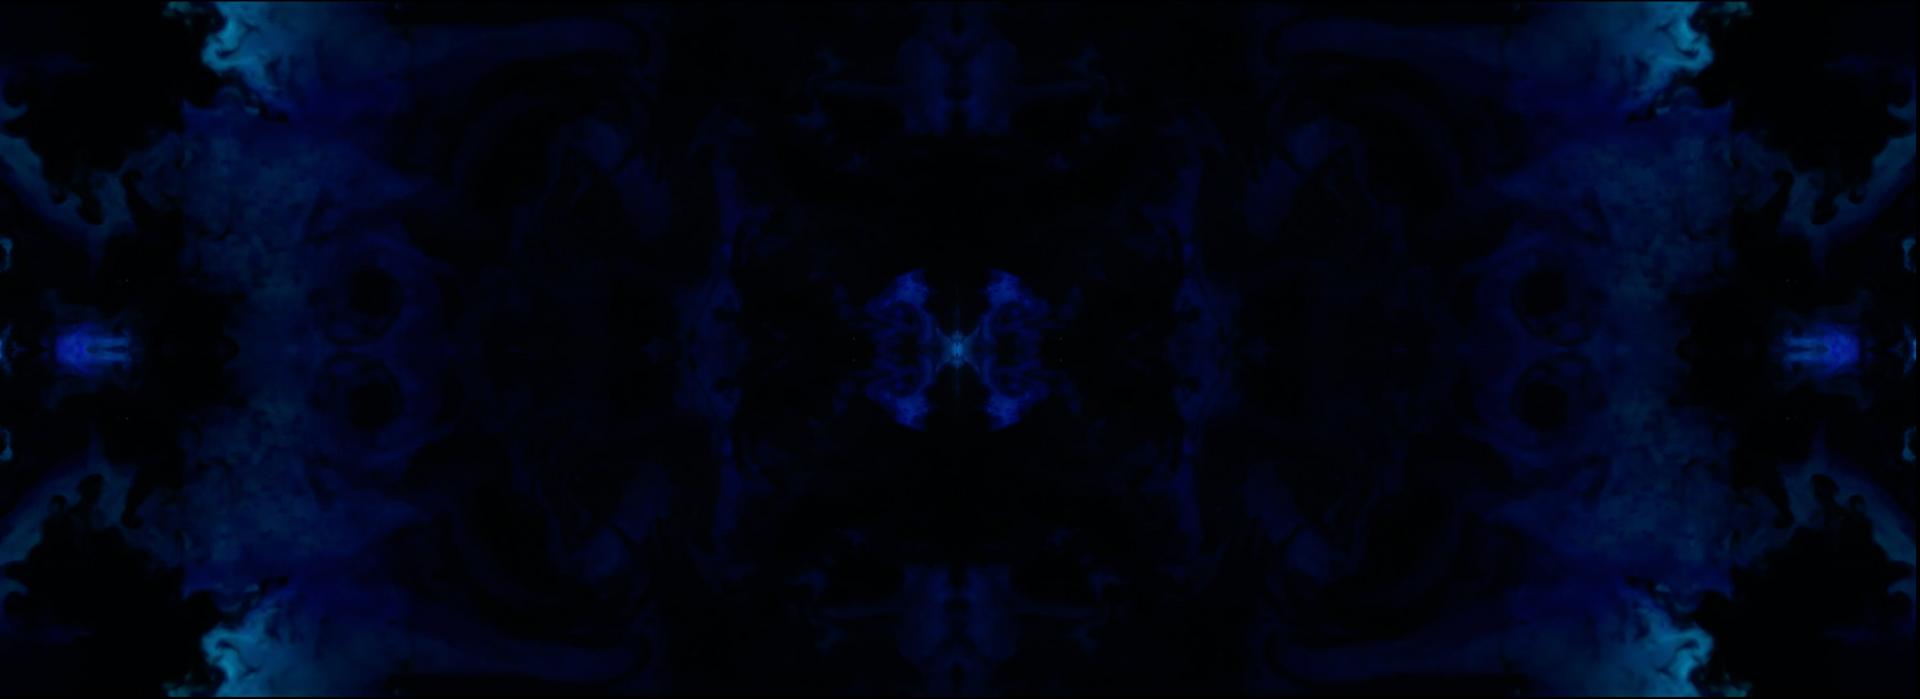 Screen Shot 2020-03-09 at 5.45.53 PM.png